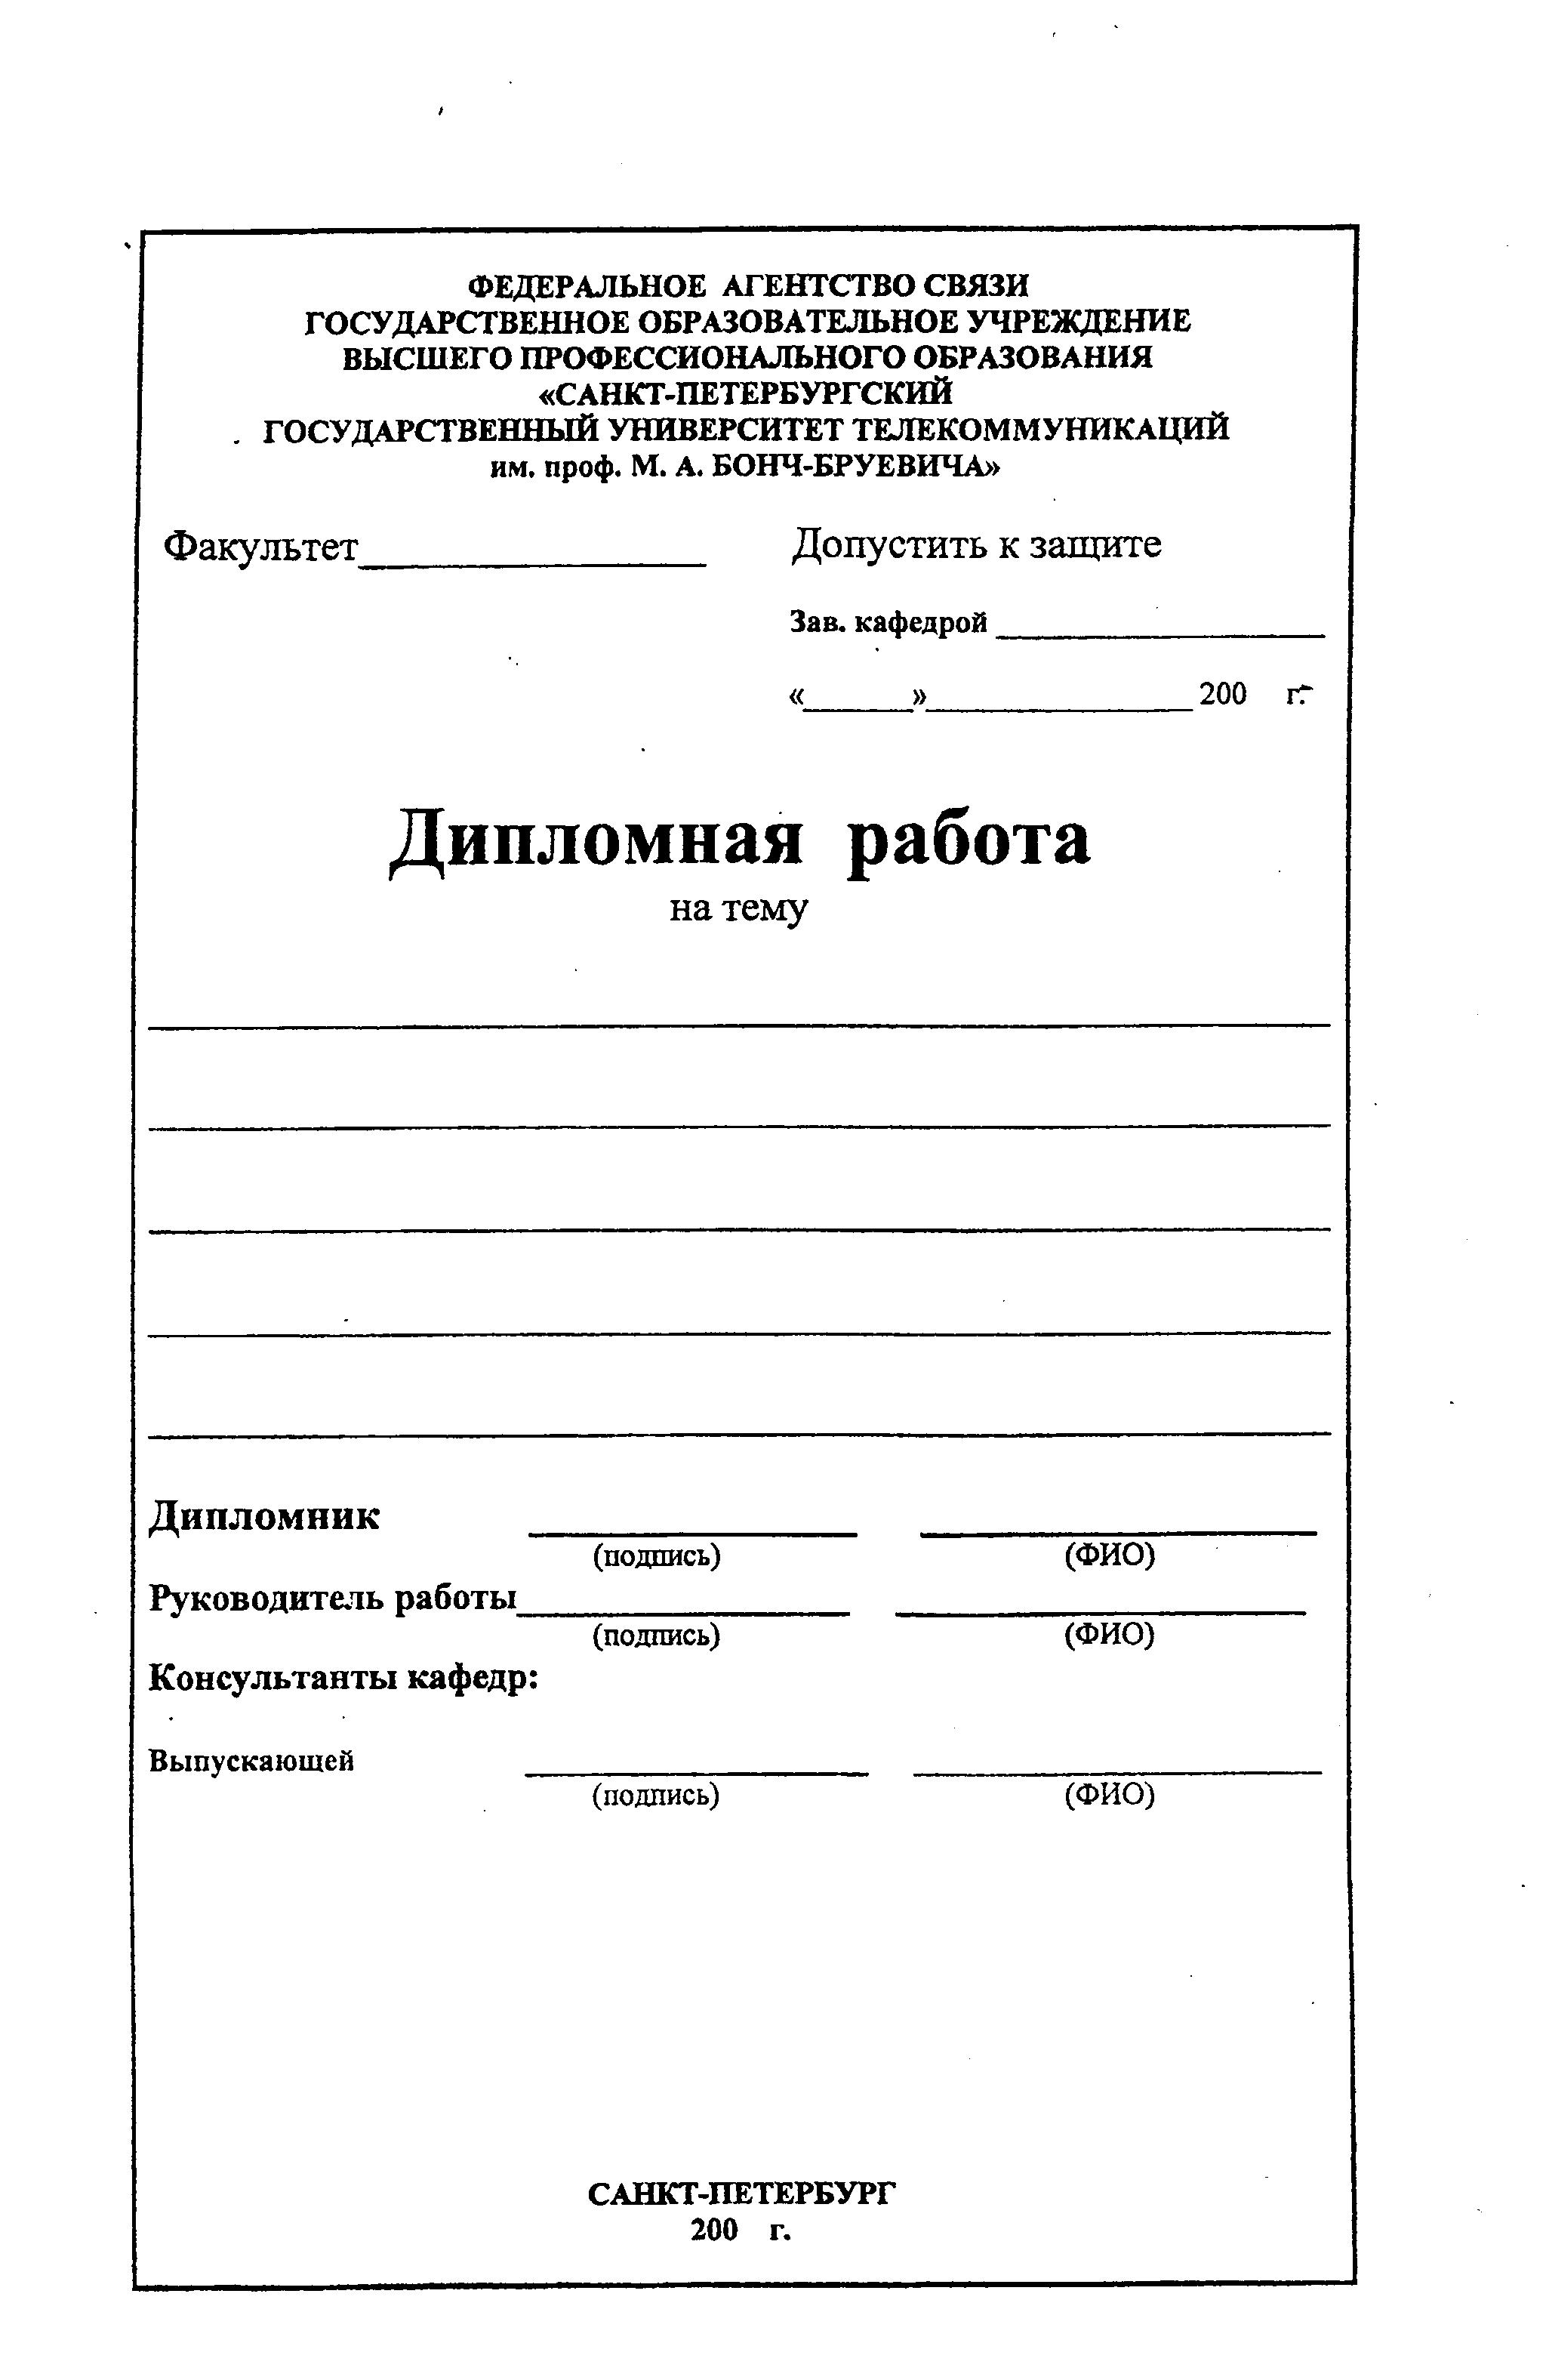 Оформление титульного листа реферата дипломной работы курсовой  образец титульного листа дипломной работы 2